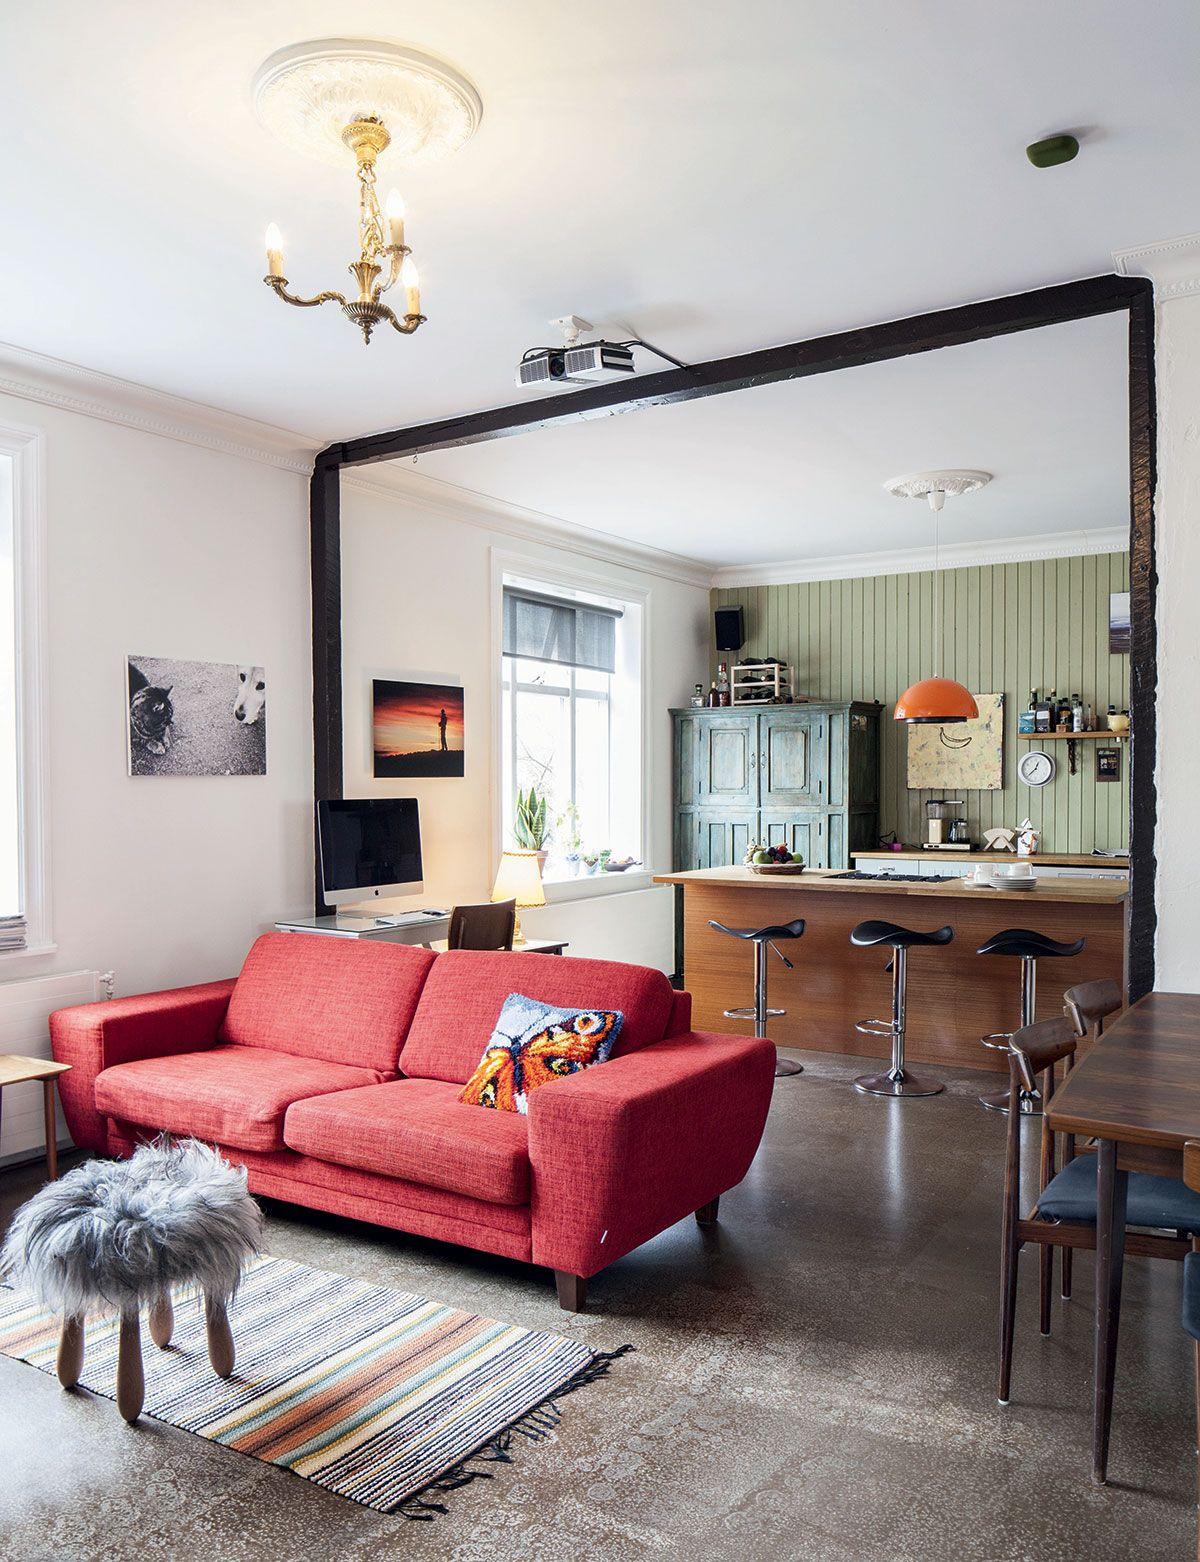 Olohuoneen keskivaiheilla olevat puiset raamit merkkaavat kohtaa, jossa on joskus ollut seinä. Punainen sohva on ostettu paikallisesta huonekaluliikkeestä. Kodissa on kauttaaltaan betonilattiat.